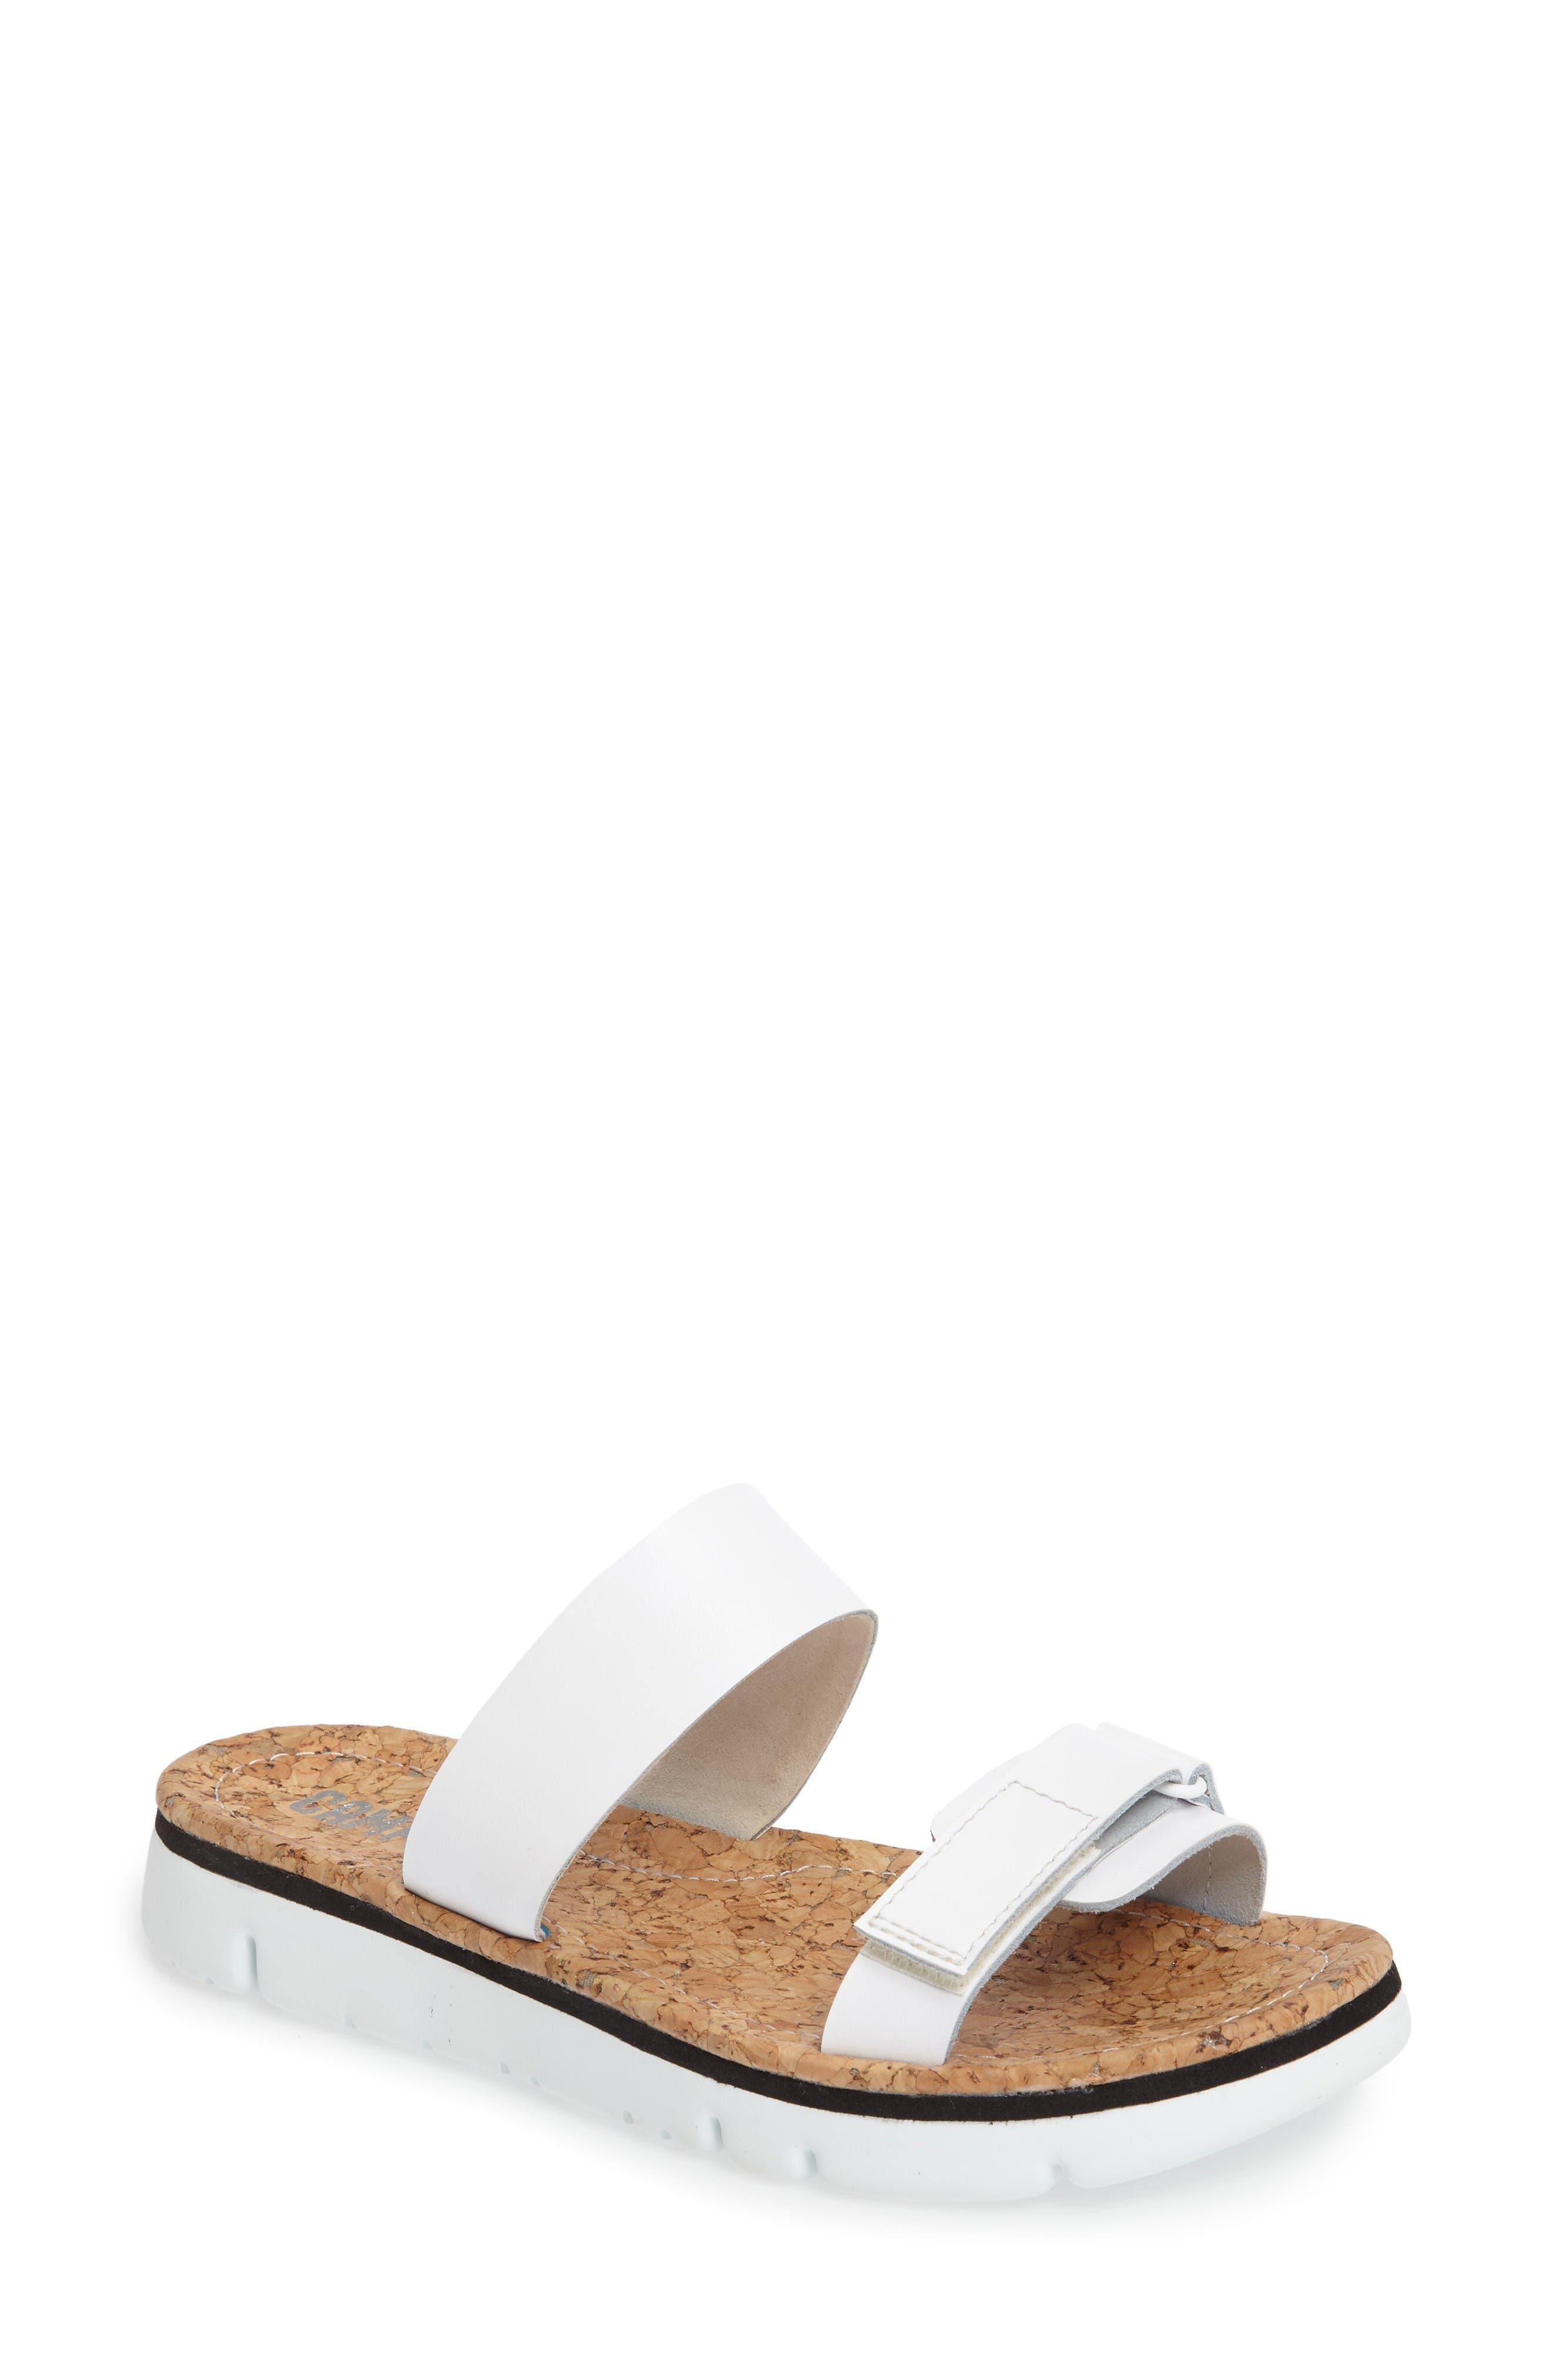 Alternate Image 1 Selected - Camper 'Oruga' Two Strap Slide Sandal (Women)